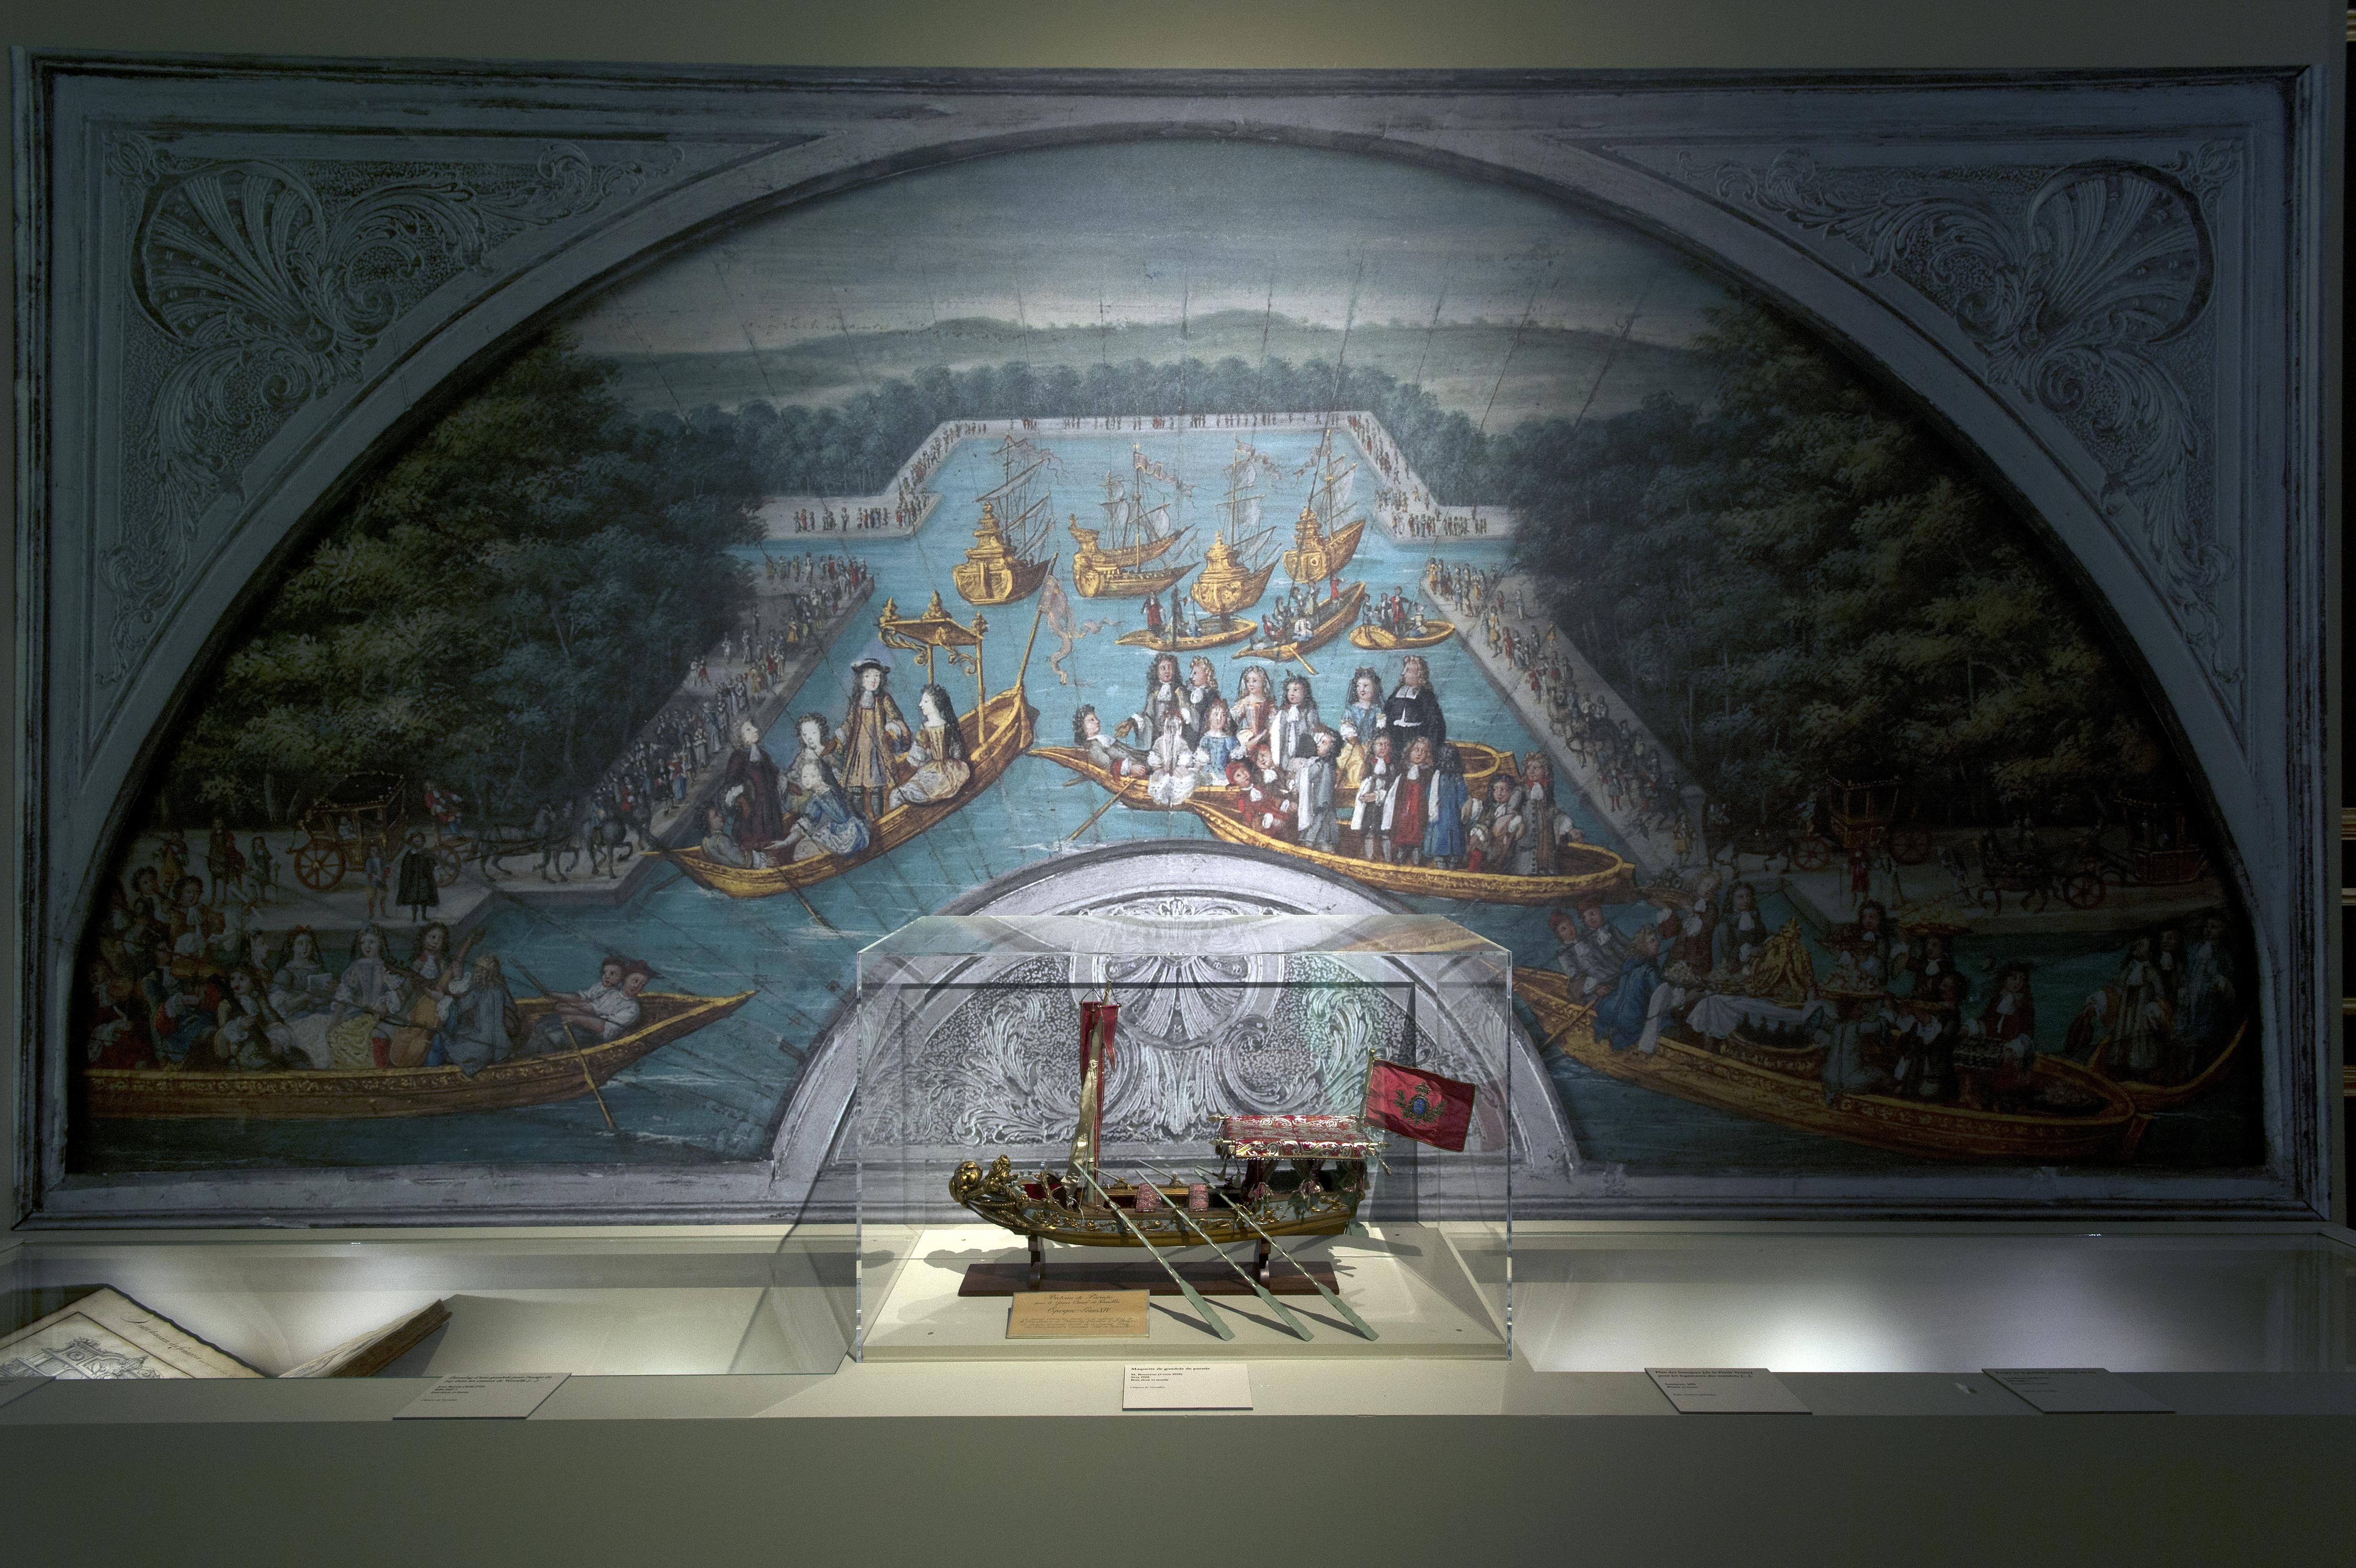 Vue de l'exposition Fêtes et divertissements à la cour_Versailles